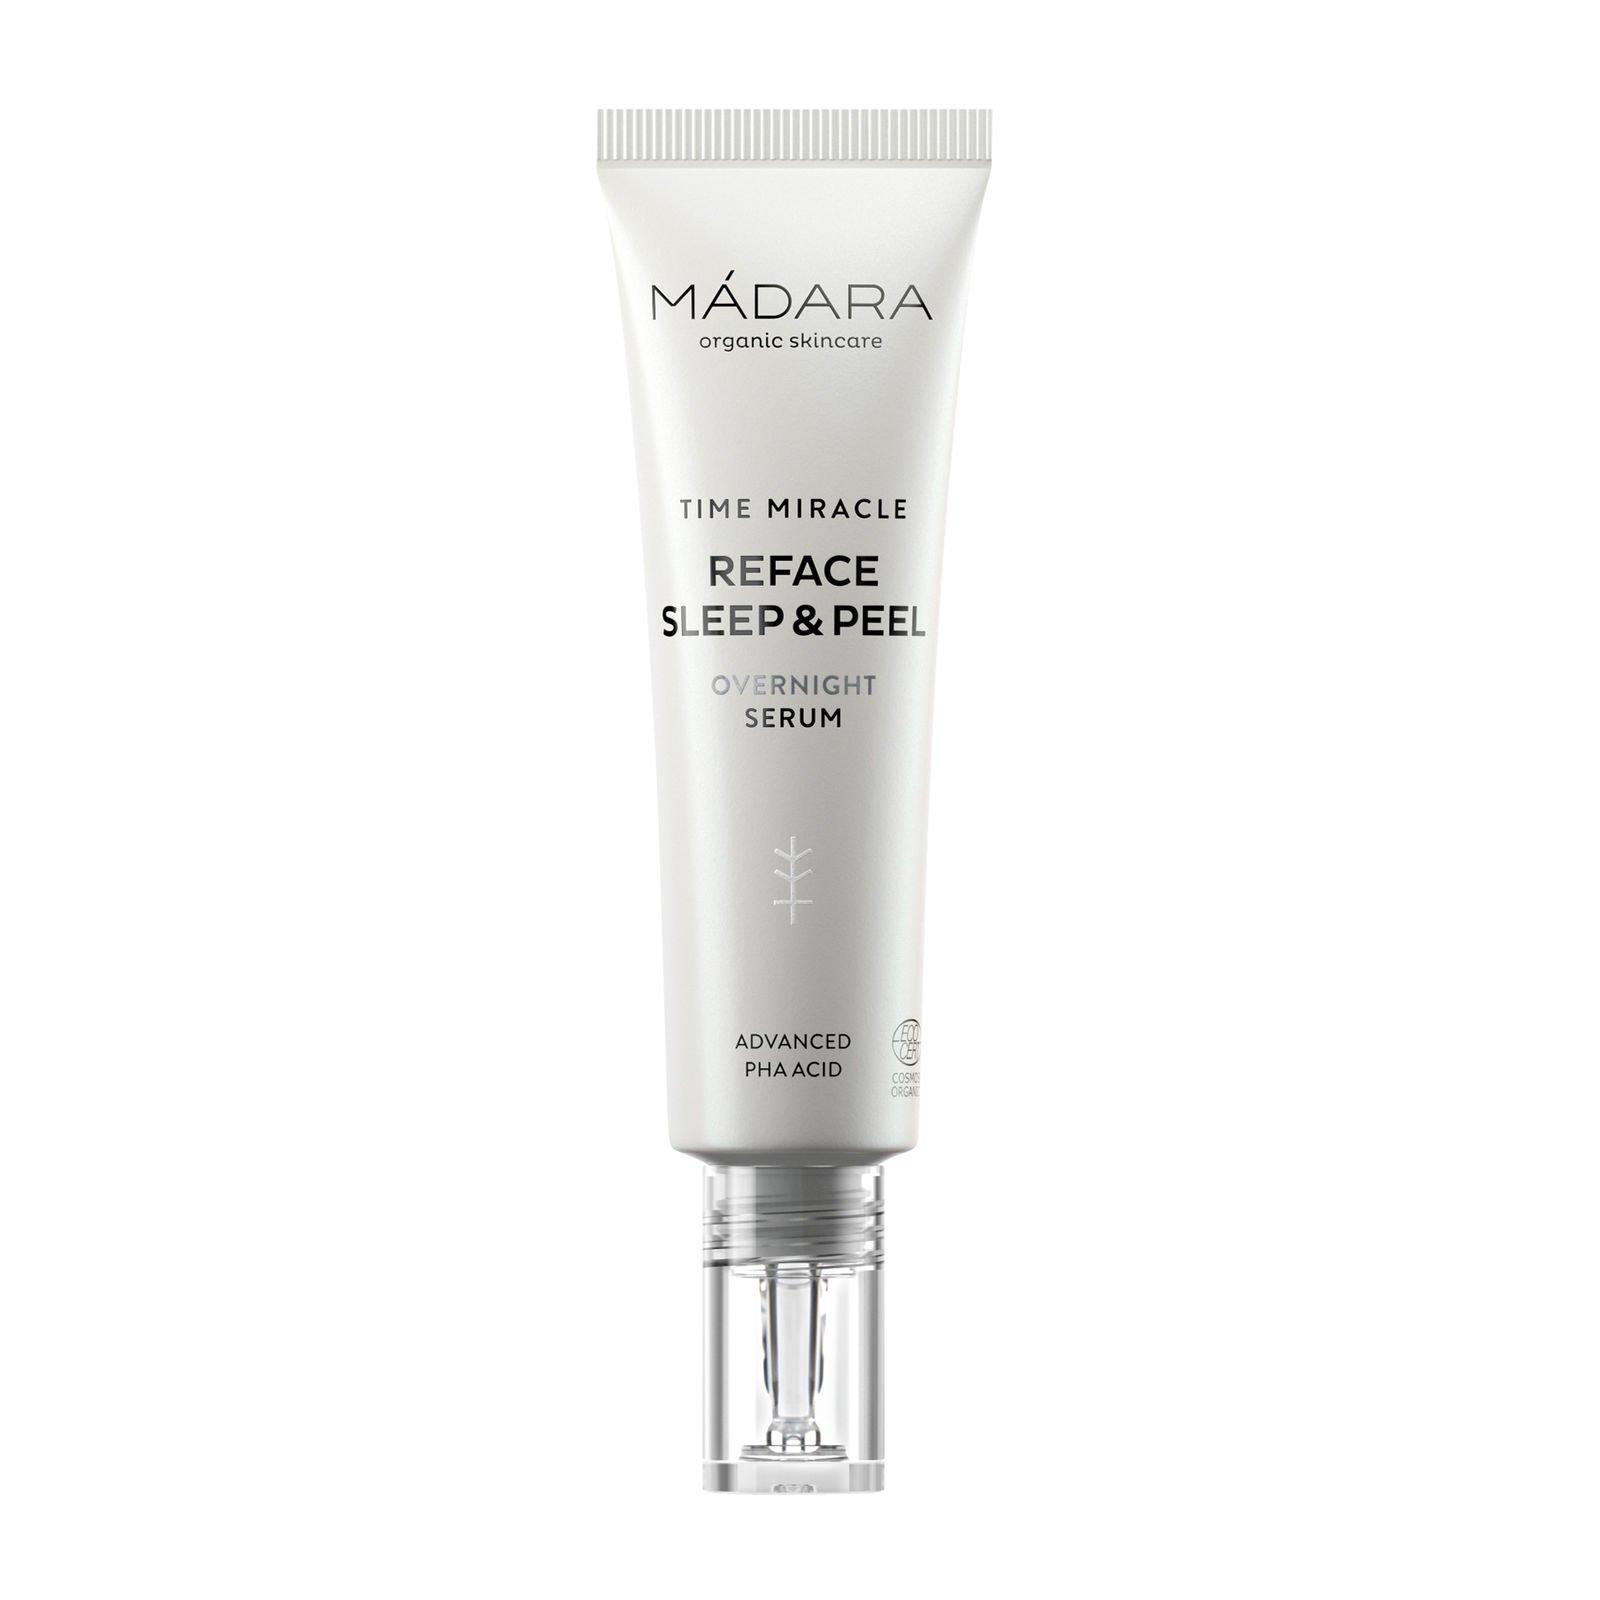 Mádara - Time Miracle Reface Sleep & Peel Overnight Serum 30 ml